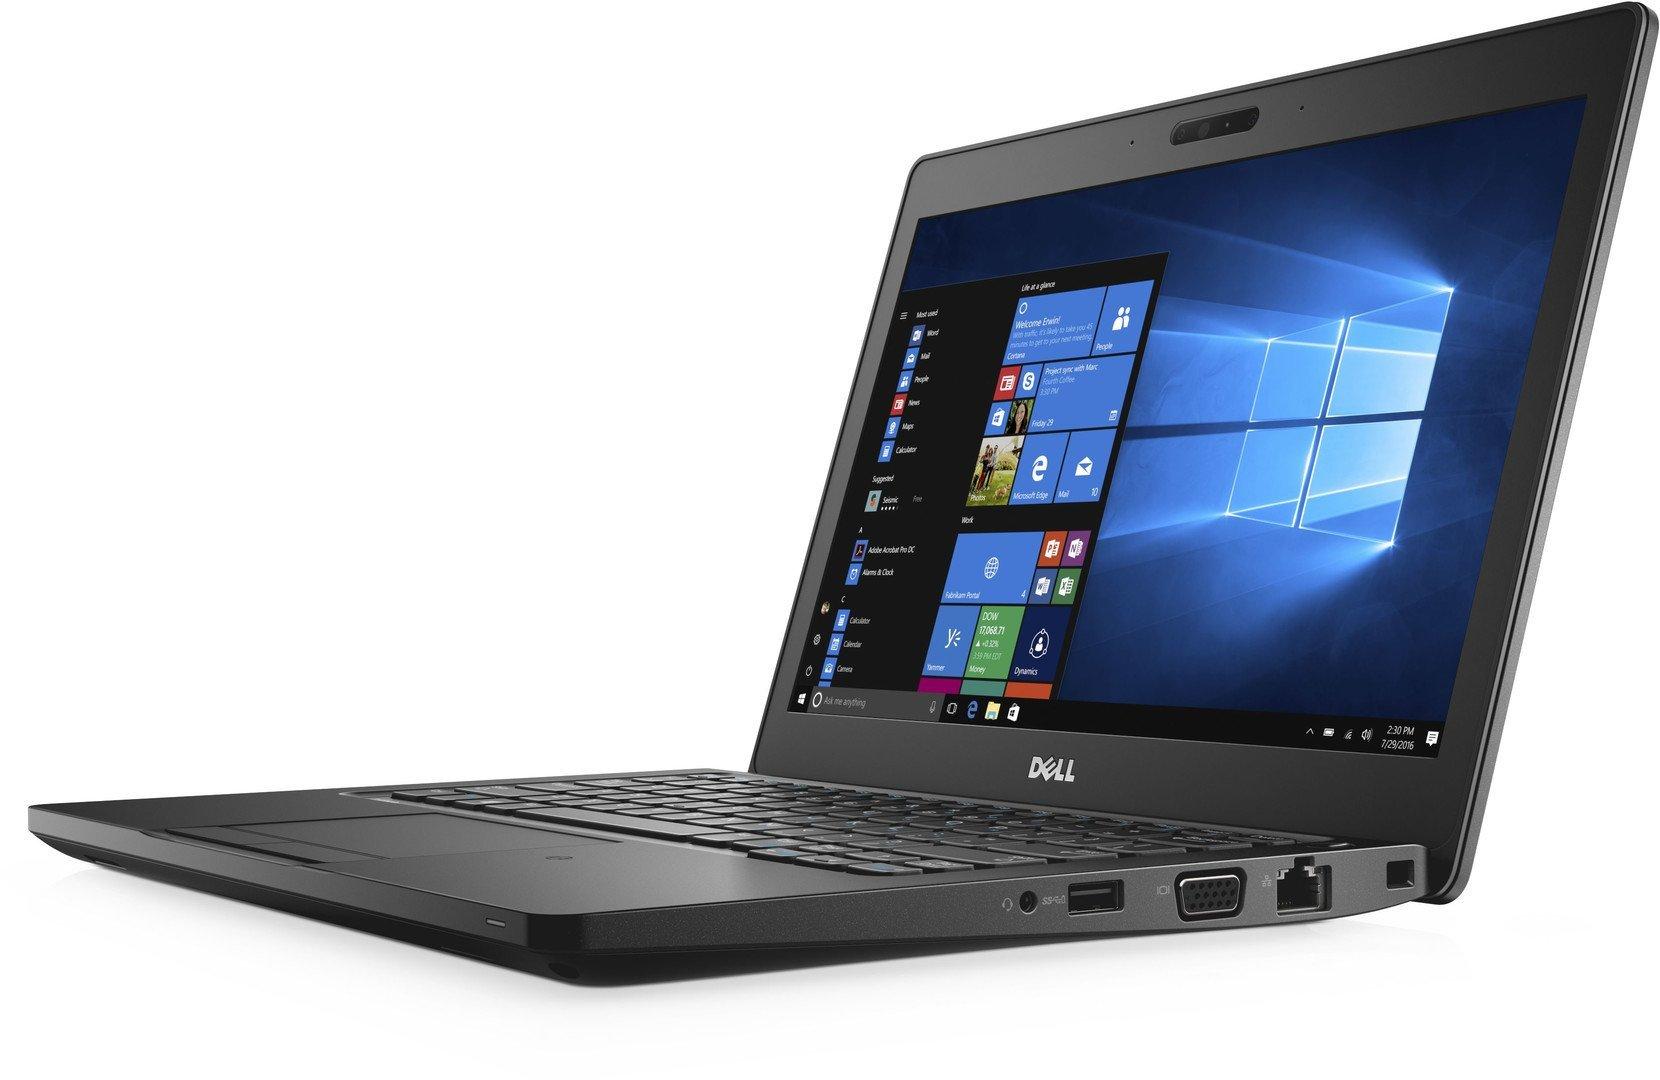 Dell Latitude 12 5000 5280 I5 Astringo